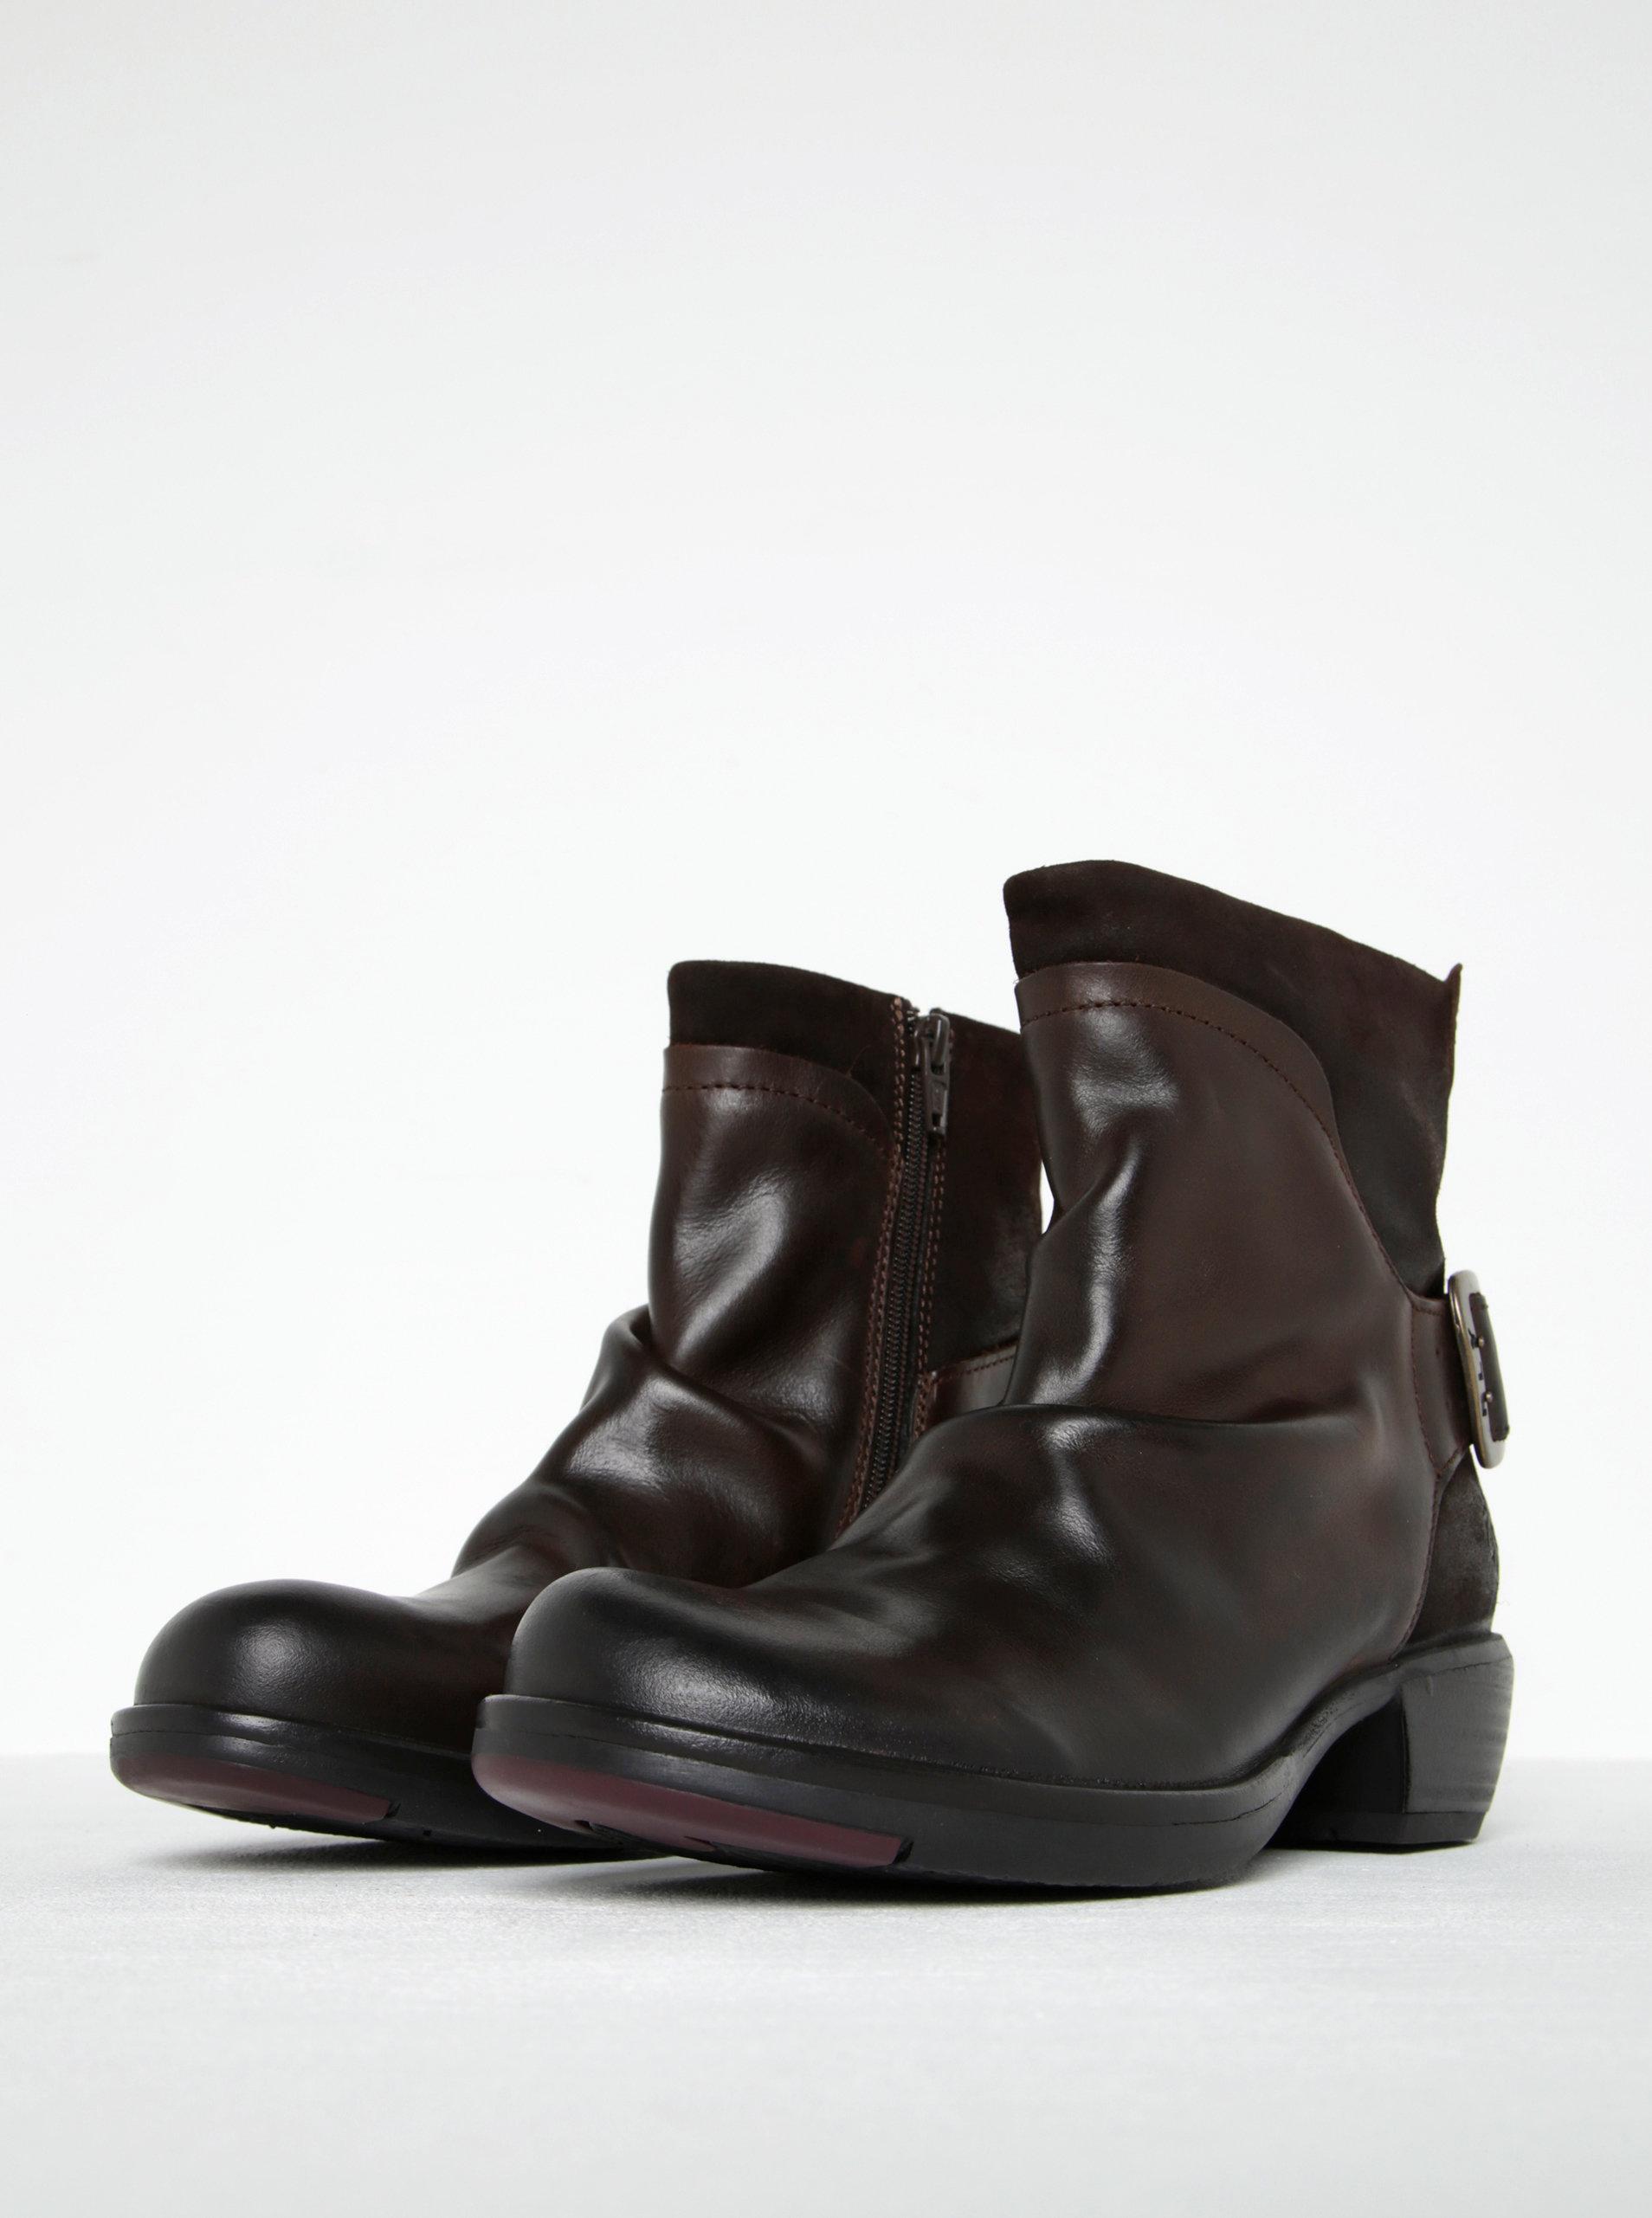 Tmavě hnědé dámské kožené kotníkové boty s přezkou FLY London ... aa1d573902